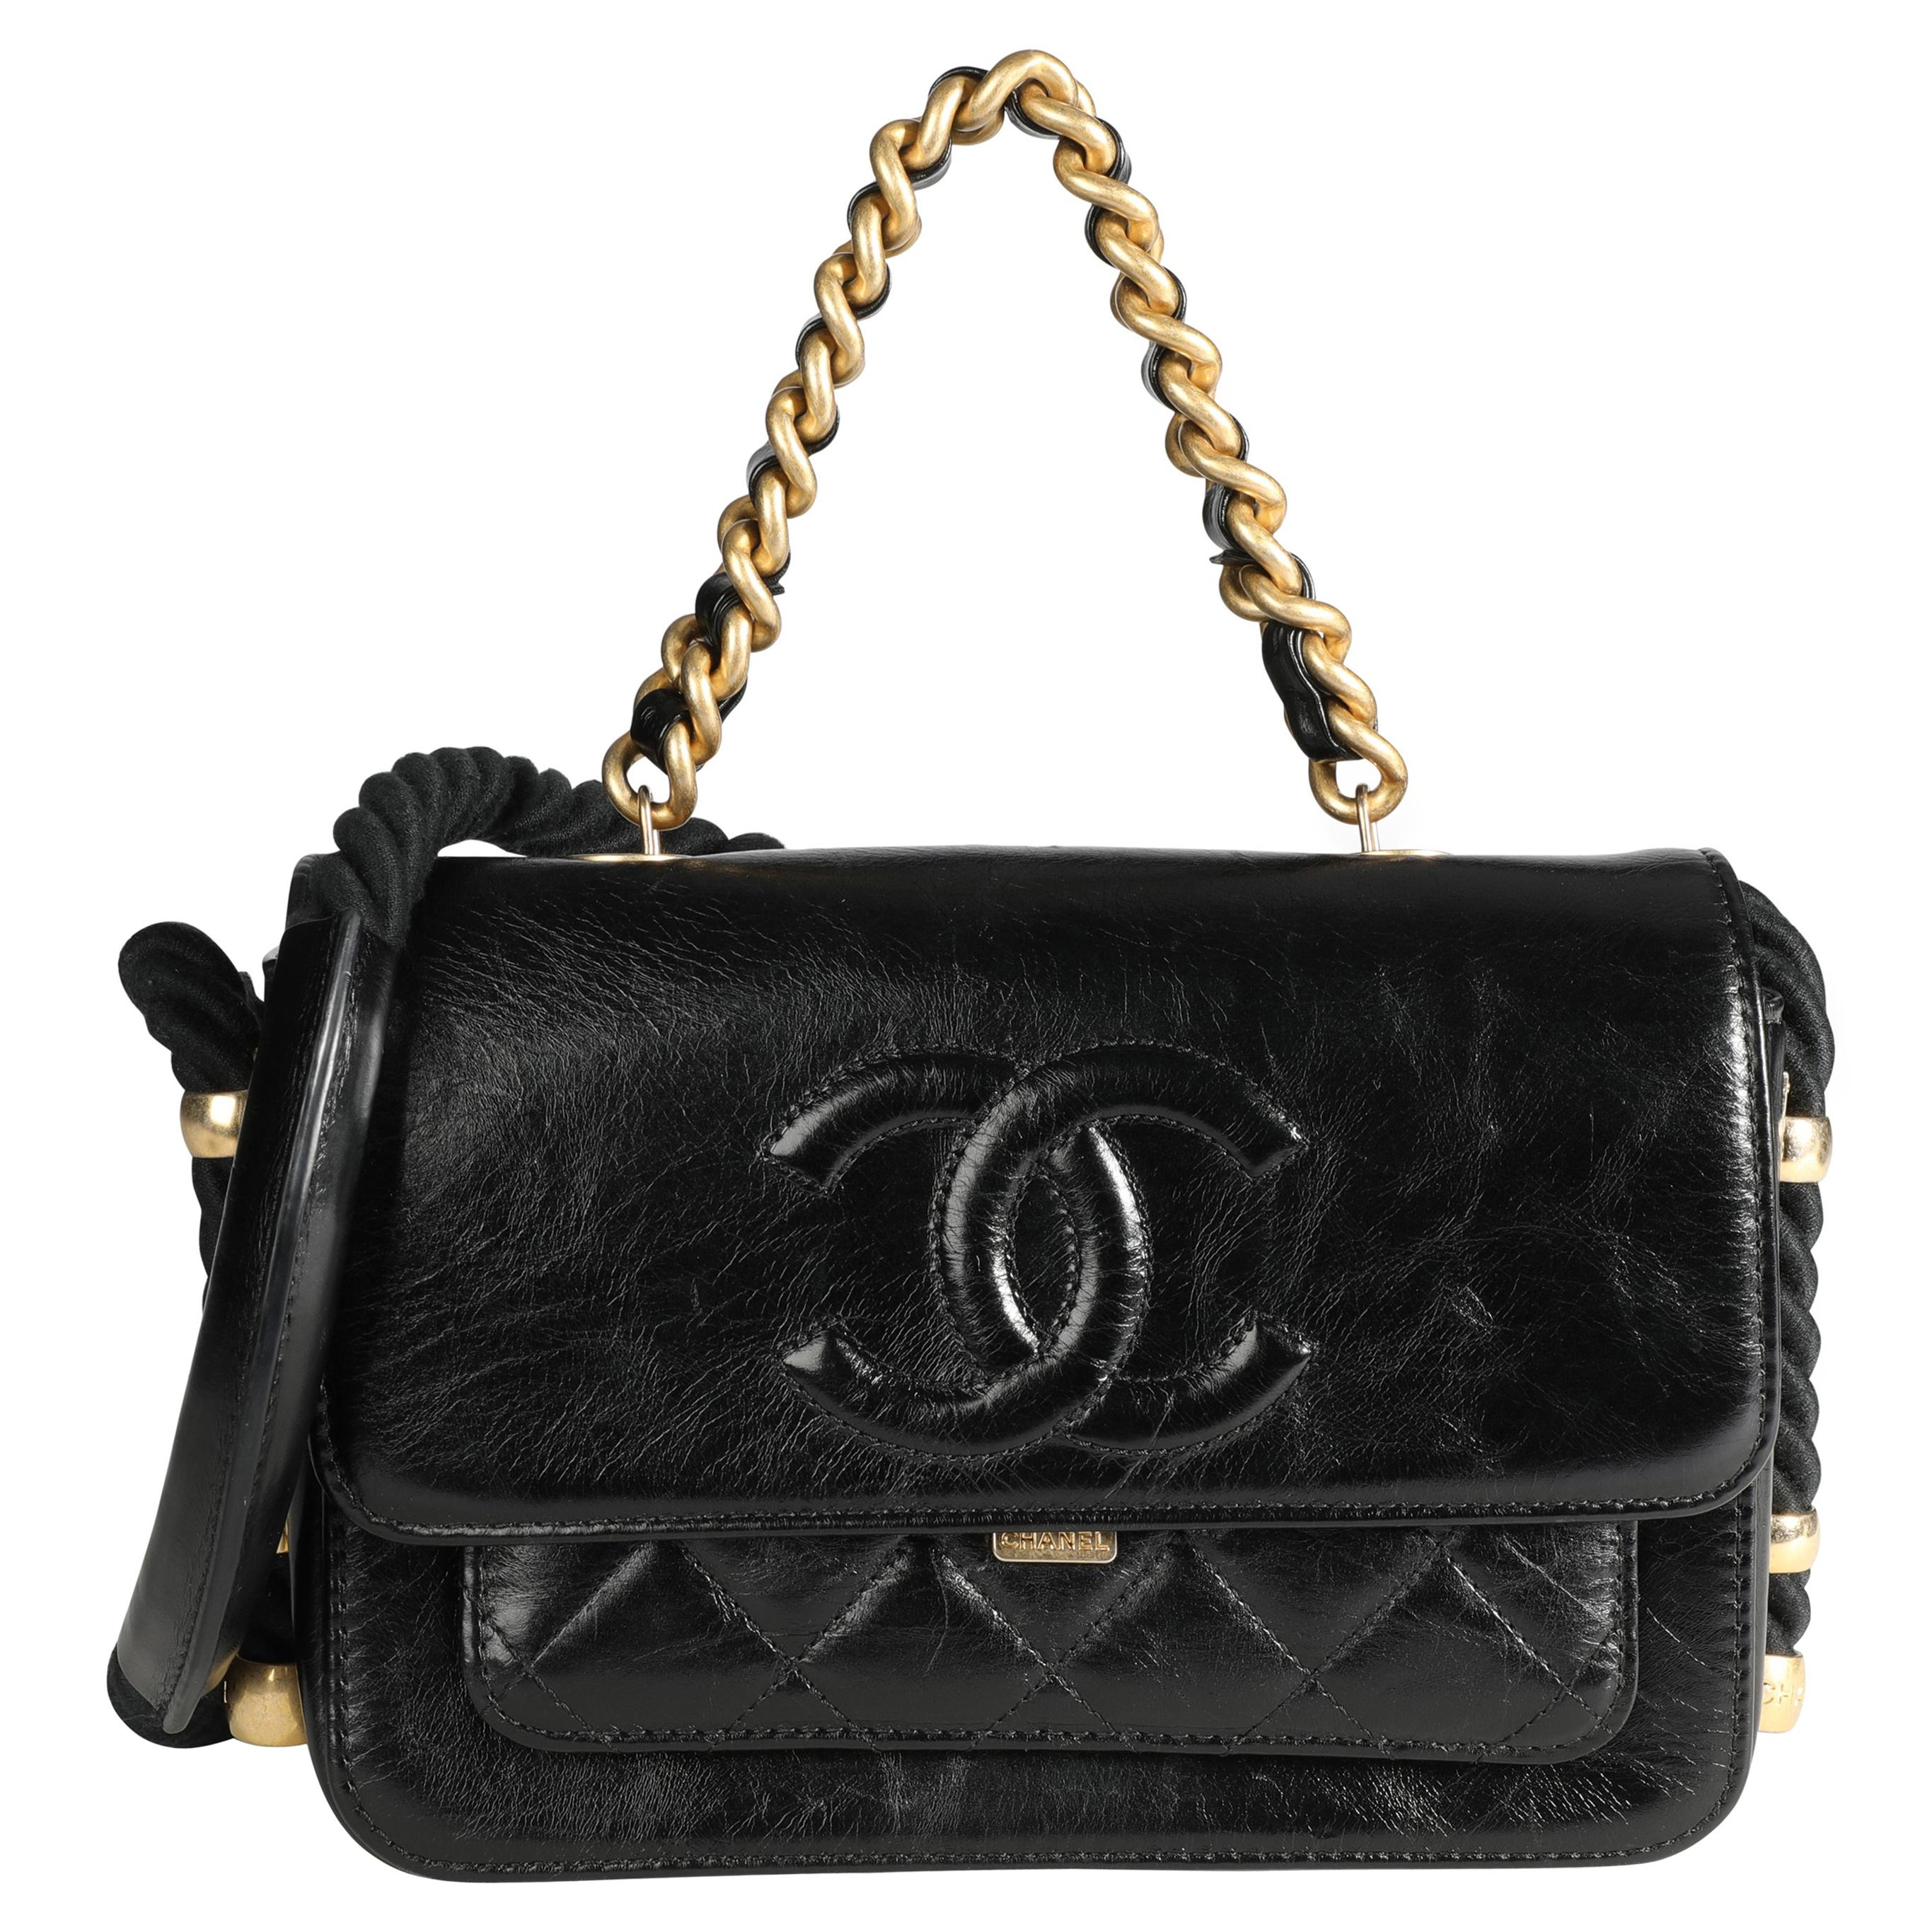 Chanel Black Crinkled Calfskin En Vogue Rope Flap Bag